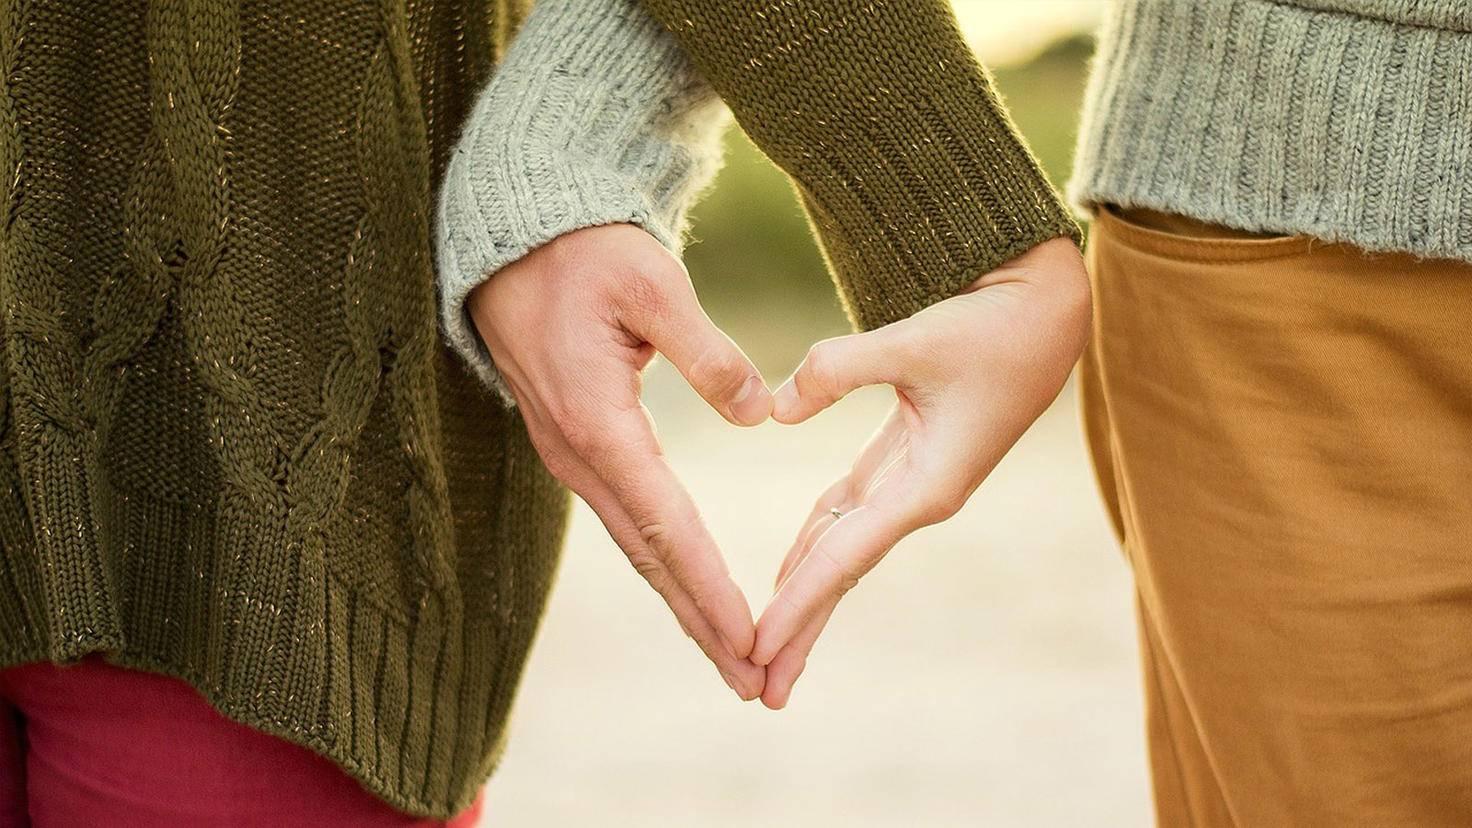 Freunde, Familie und andere soziale Kontakte fangen uns in Stresssituationen auf und sind essenziell für unsere Gesundheit.